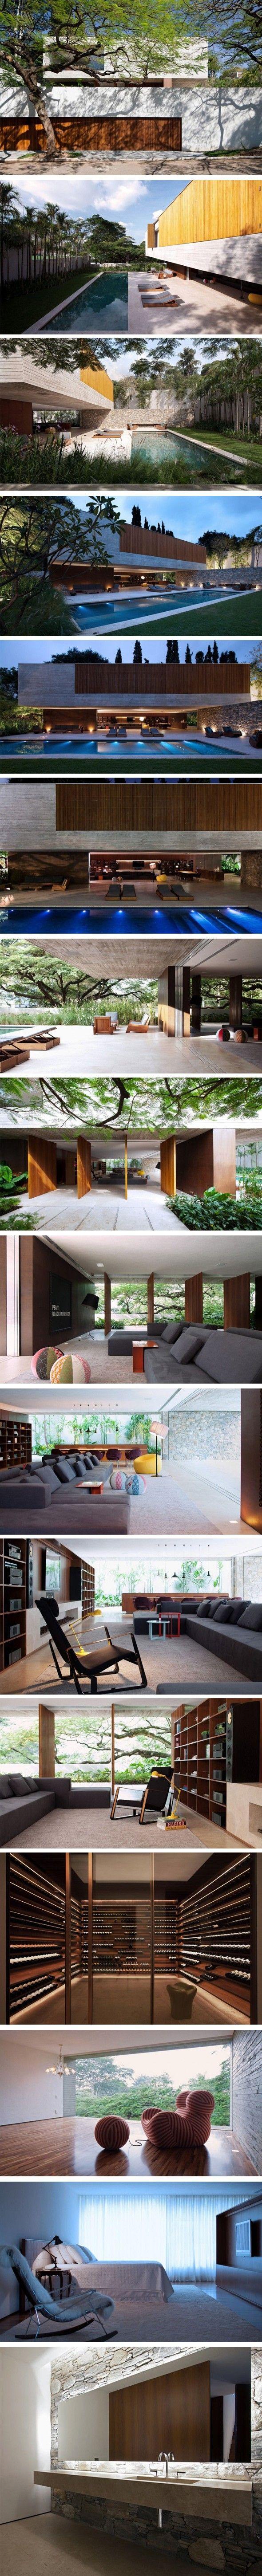 Ipês House par StudioMK27 | Architektur, Großes haus und Haus pläne